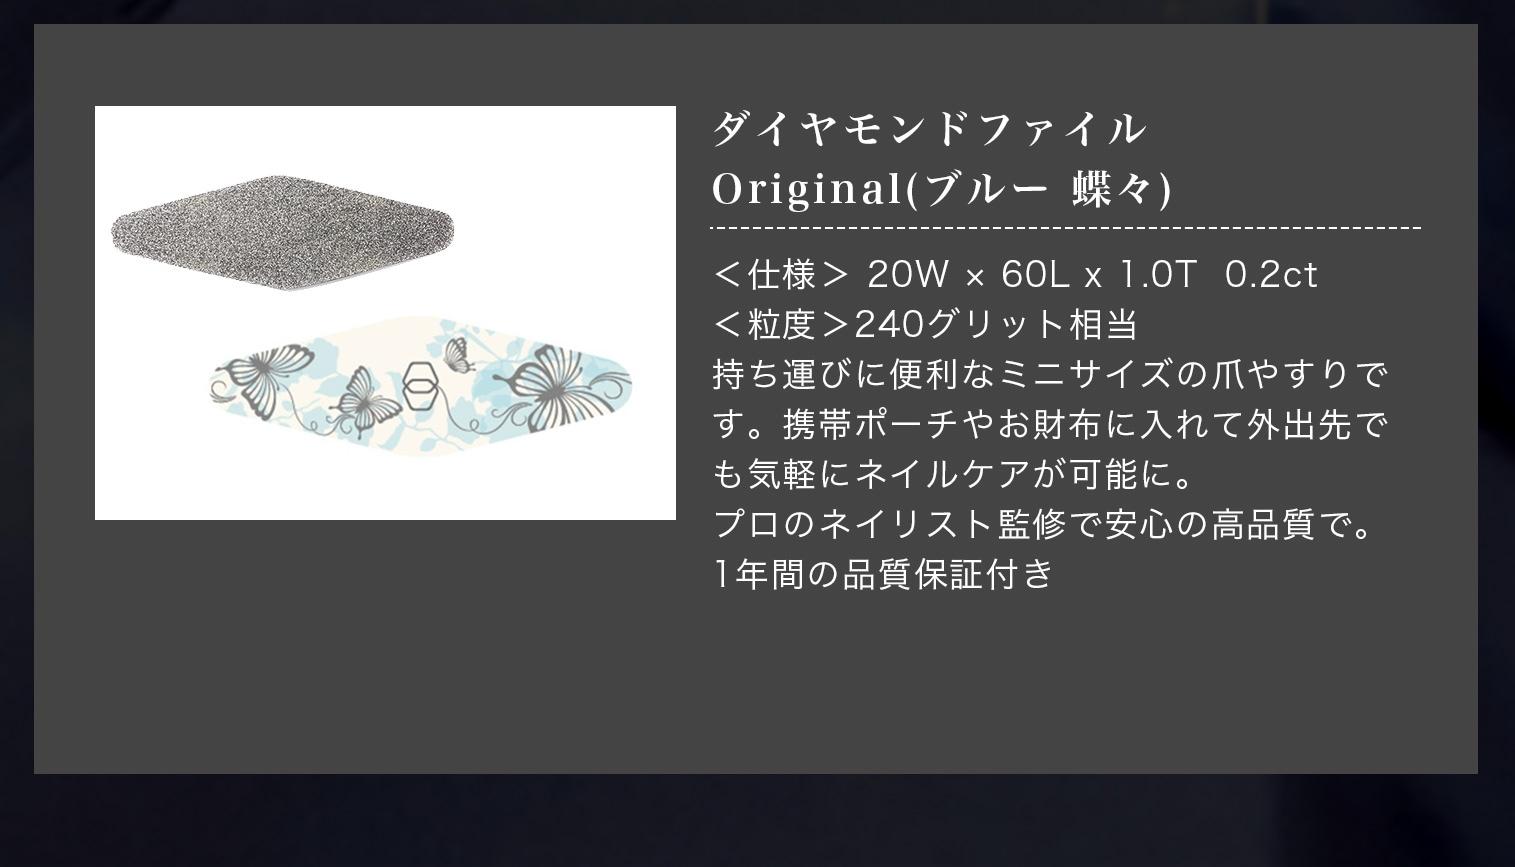 ダイヤモンドファイルOriginal(ブルー 蝶々)<仕様> 20W × 60L x 1.0T  0.2ct<粒度>240グリット相当持ち運びに便利なミニサイズの爪やすりです。携帯ポーチやお財布に入れて外出先でも気軽にネイルケアが可能に。プロのネイリスト監修で安心の高品質で。1年間の品質保証付き